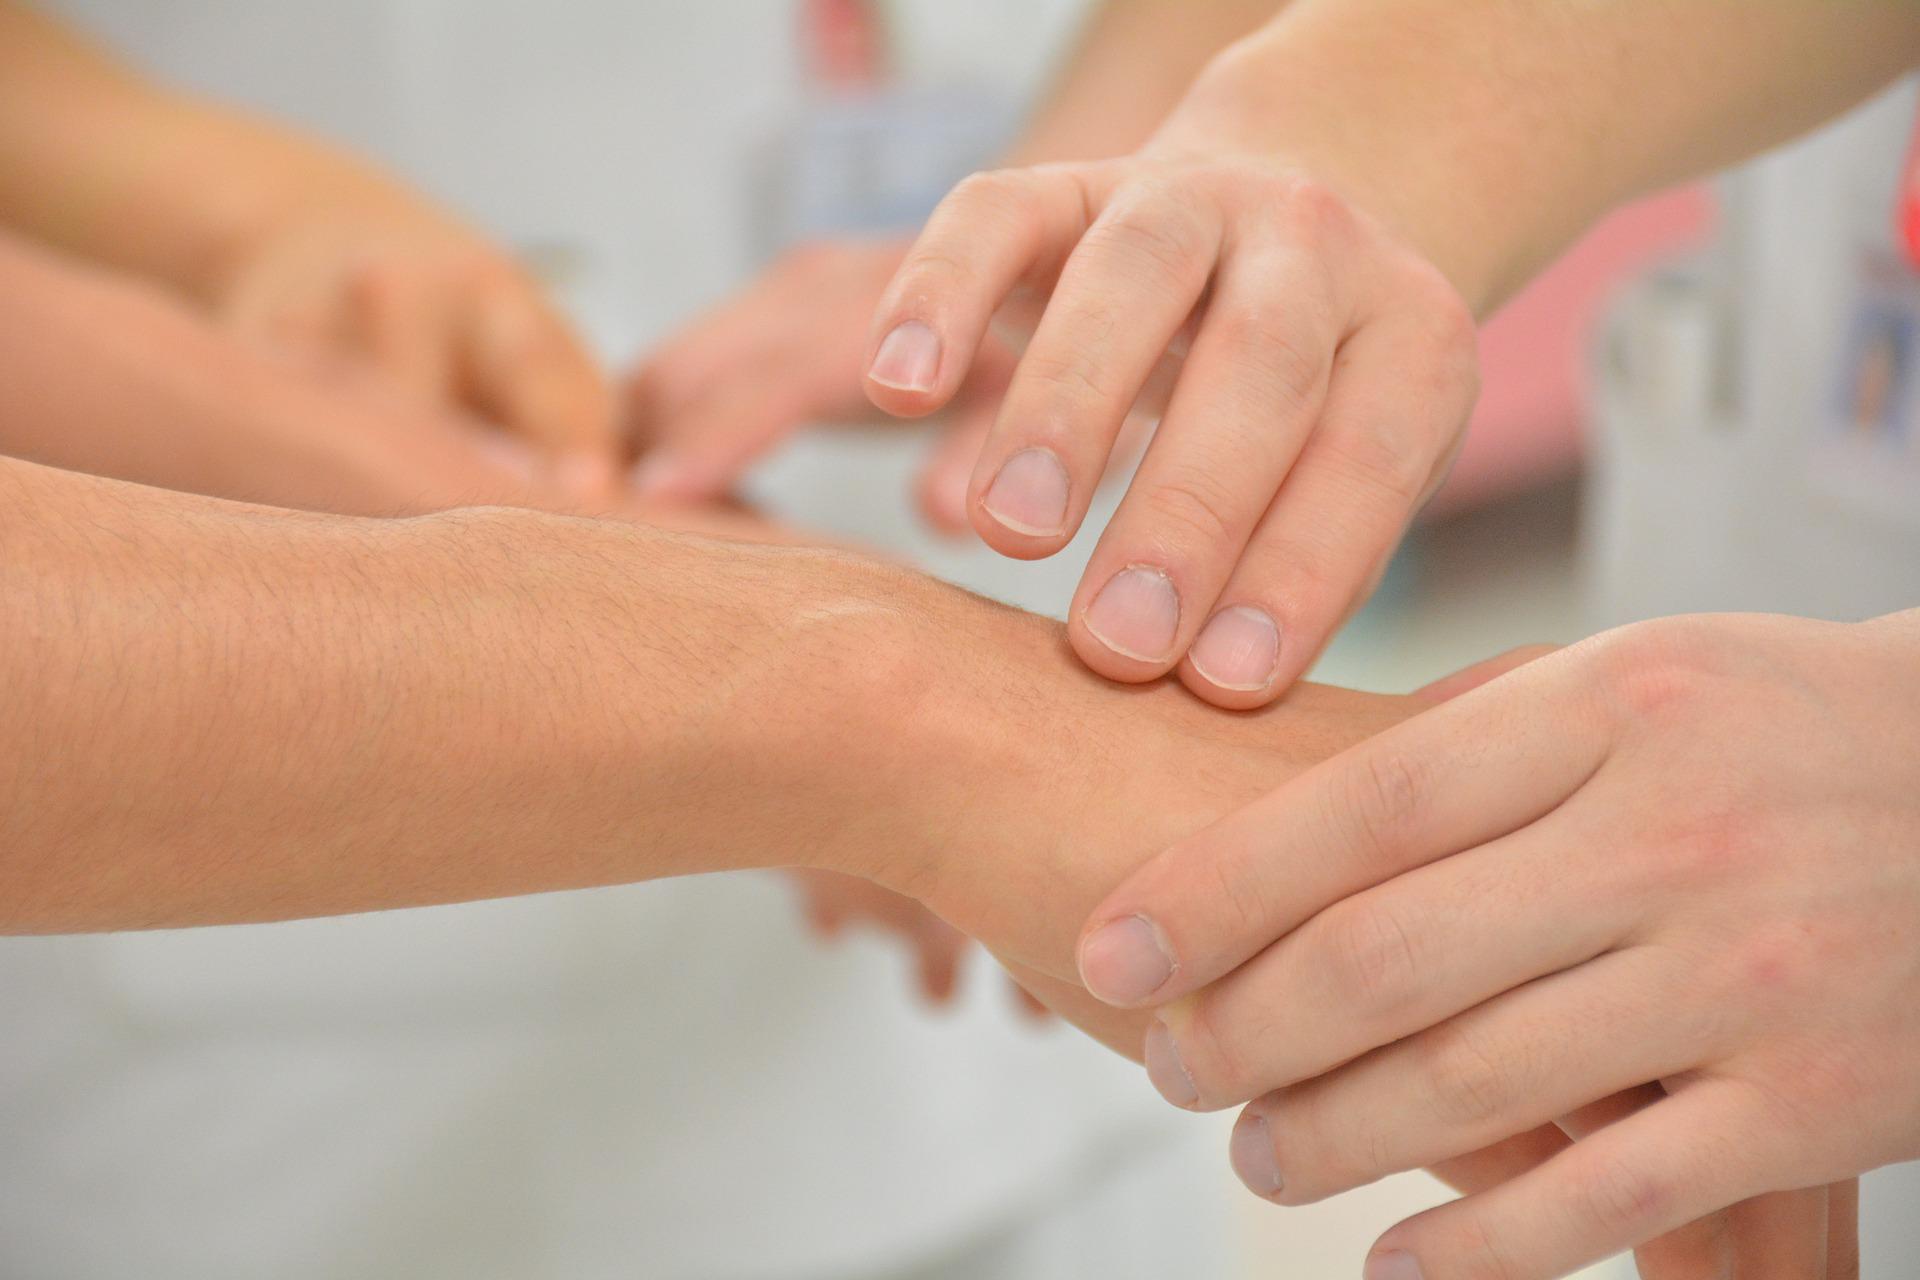 pulse-hands-nurse-doctor-patient